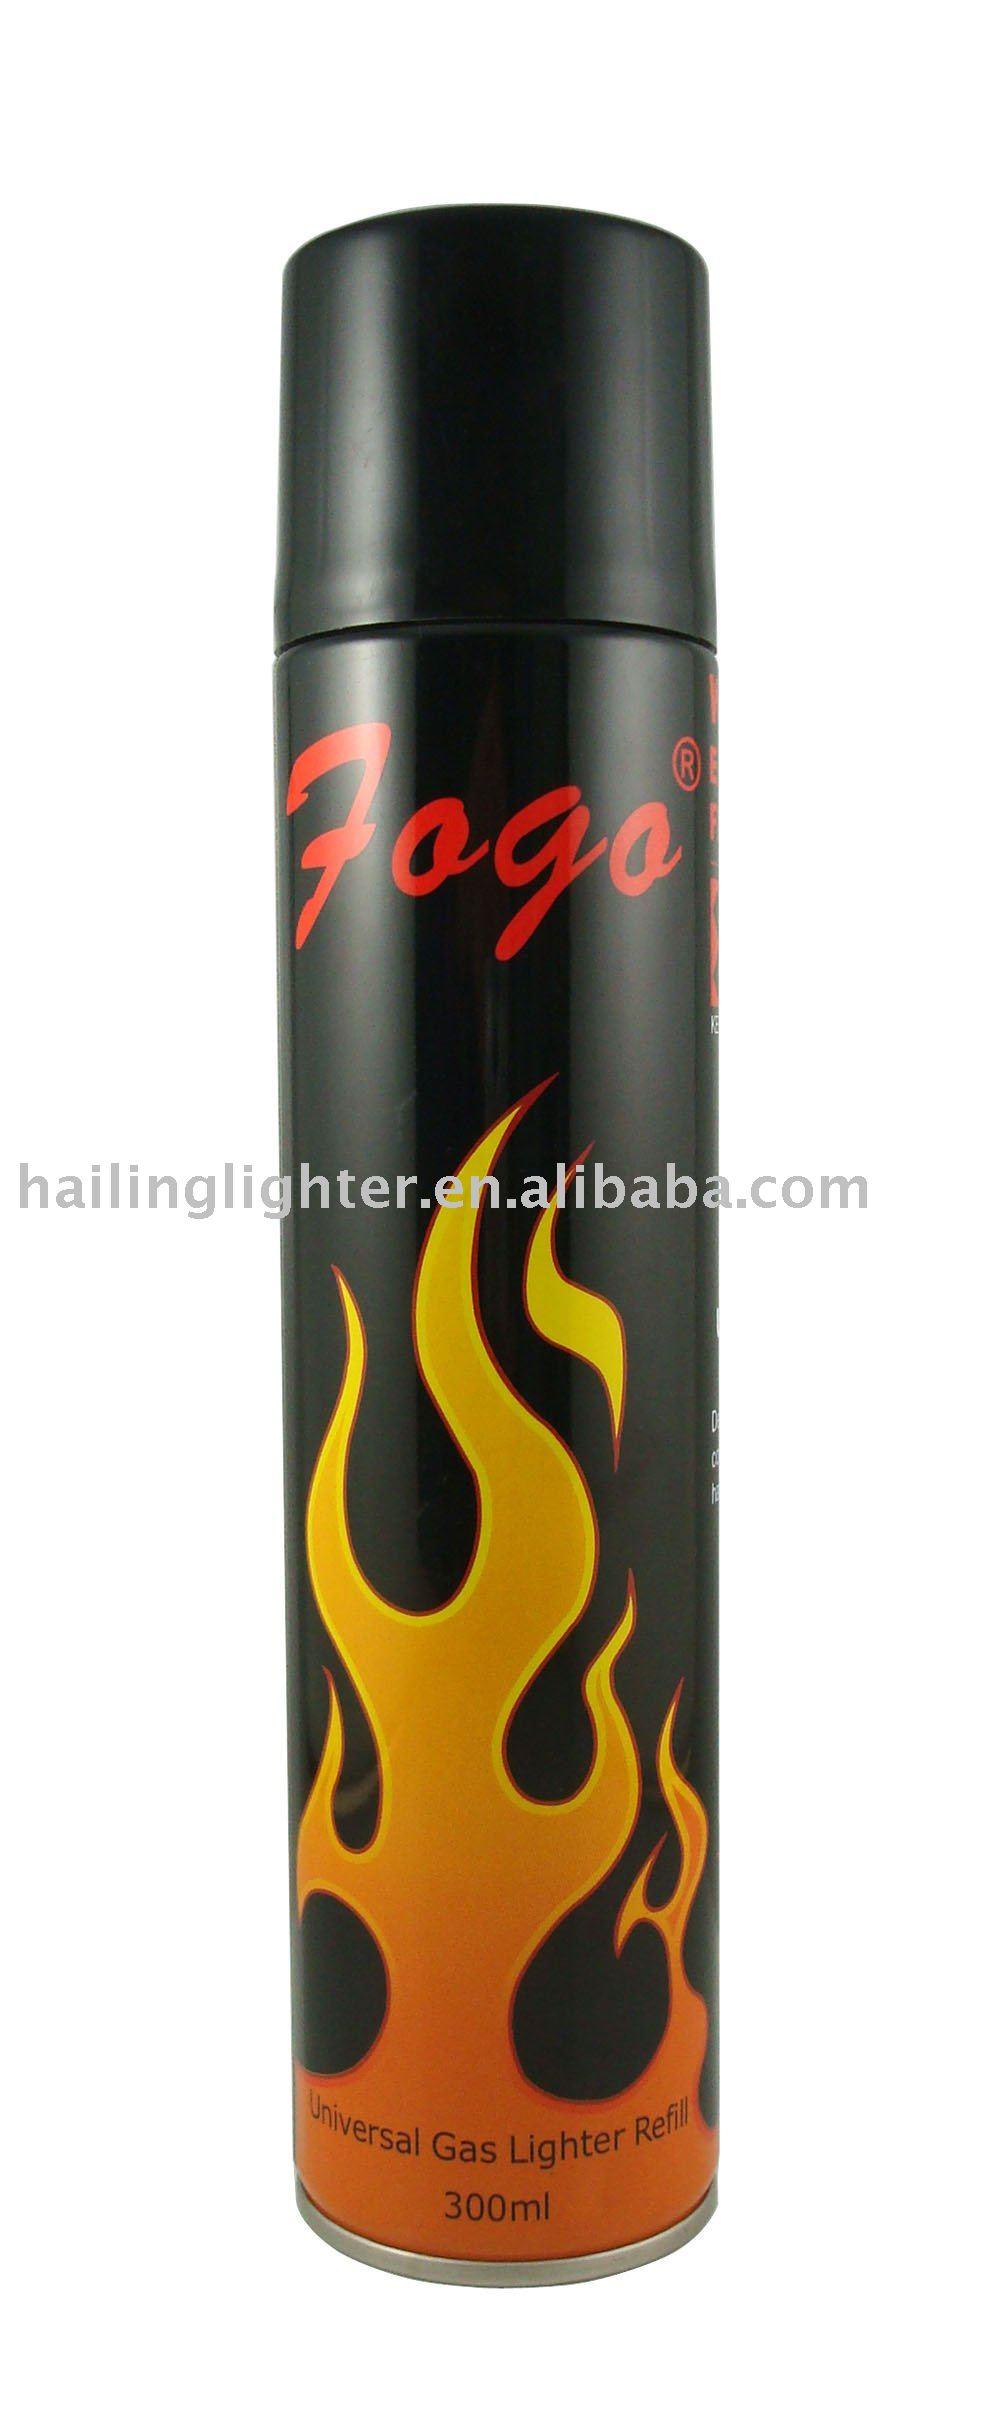 Refillable Cigarette Lighter Butane Lighter Gas Refill